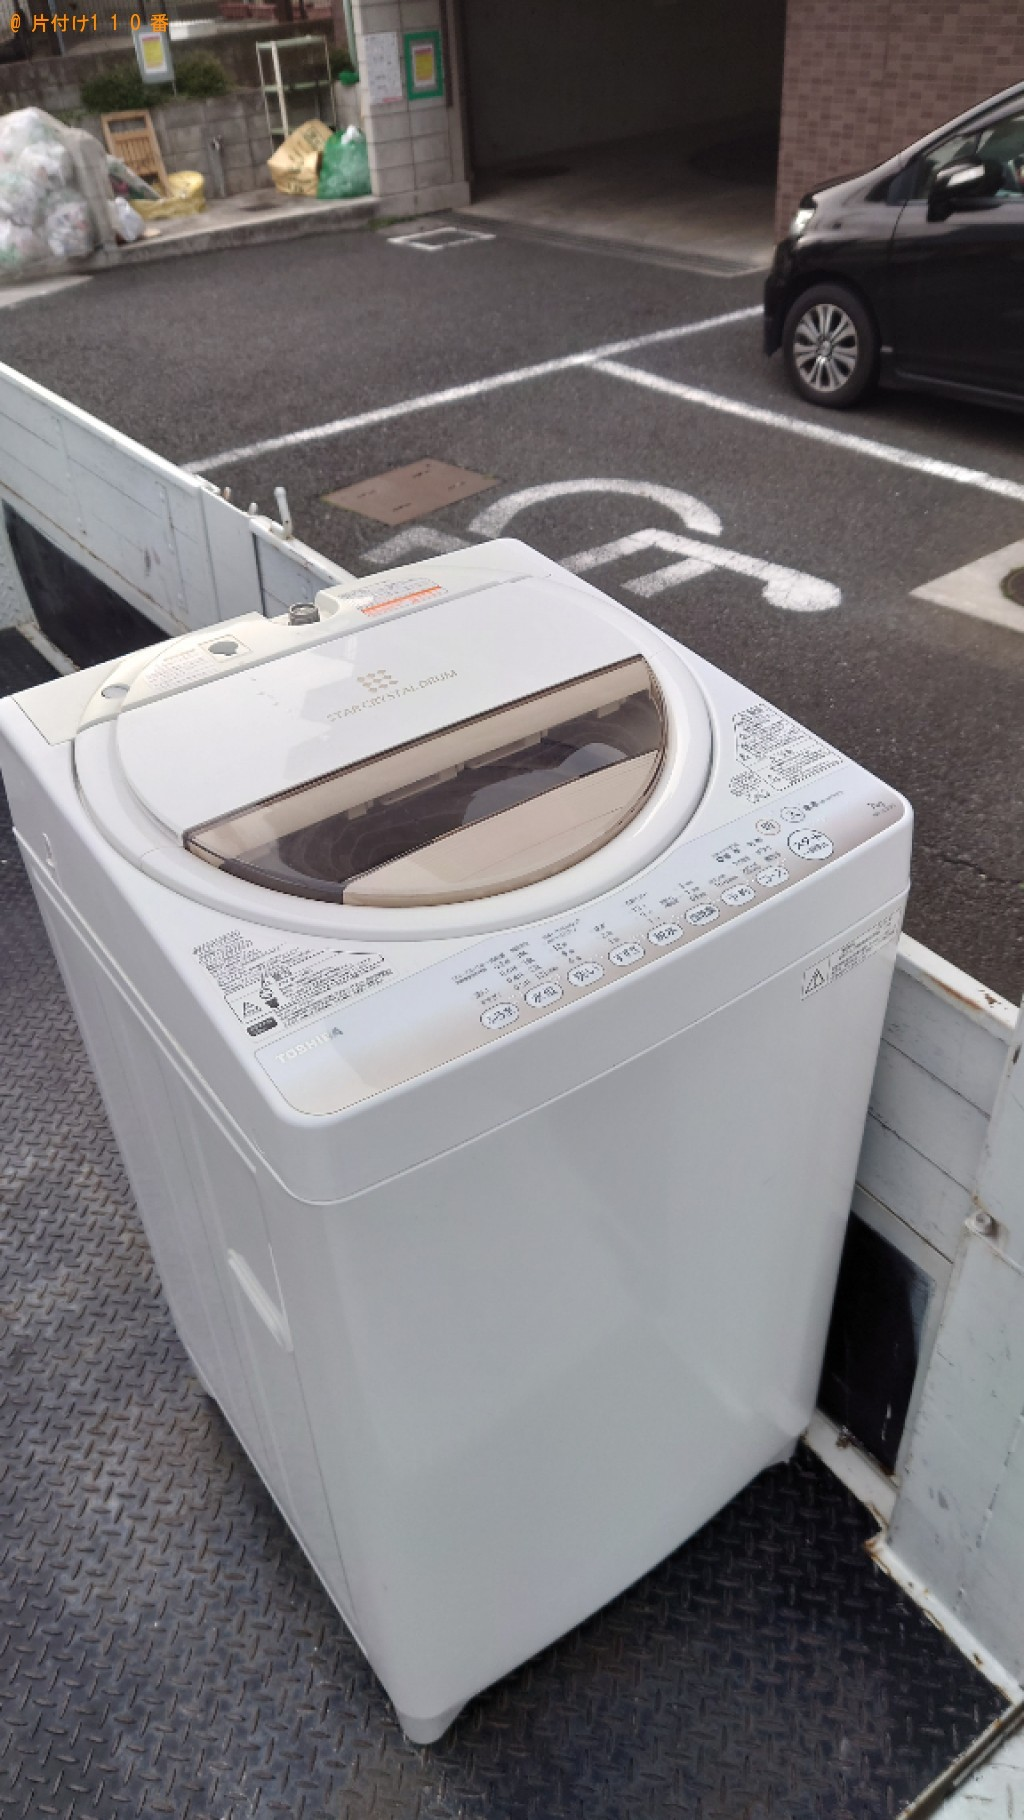 【船橋市旭町】洗濯機の回収・処分ご依頼 お客様の声